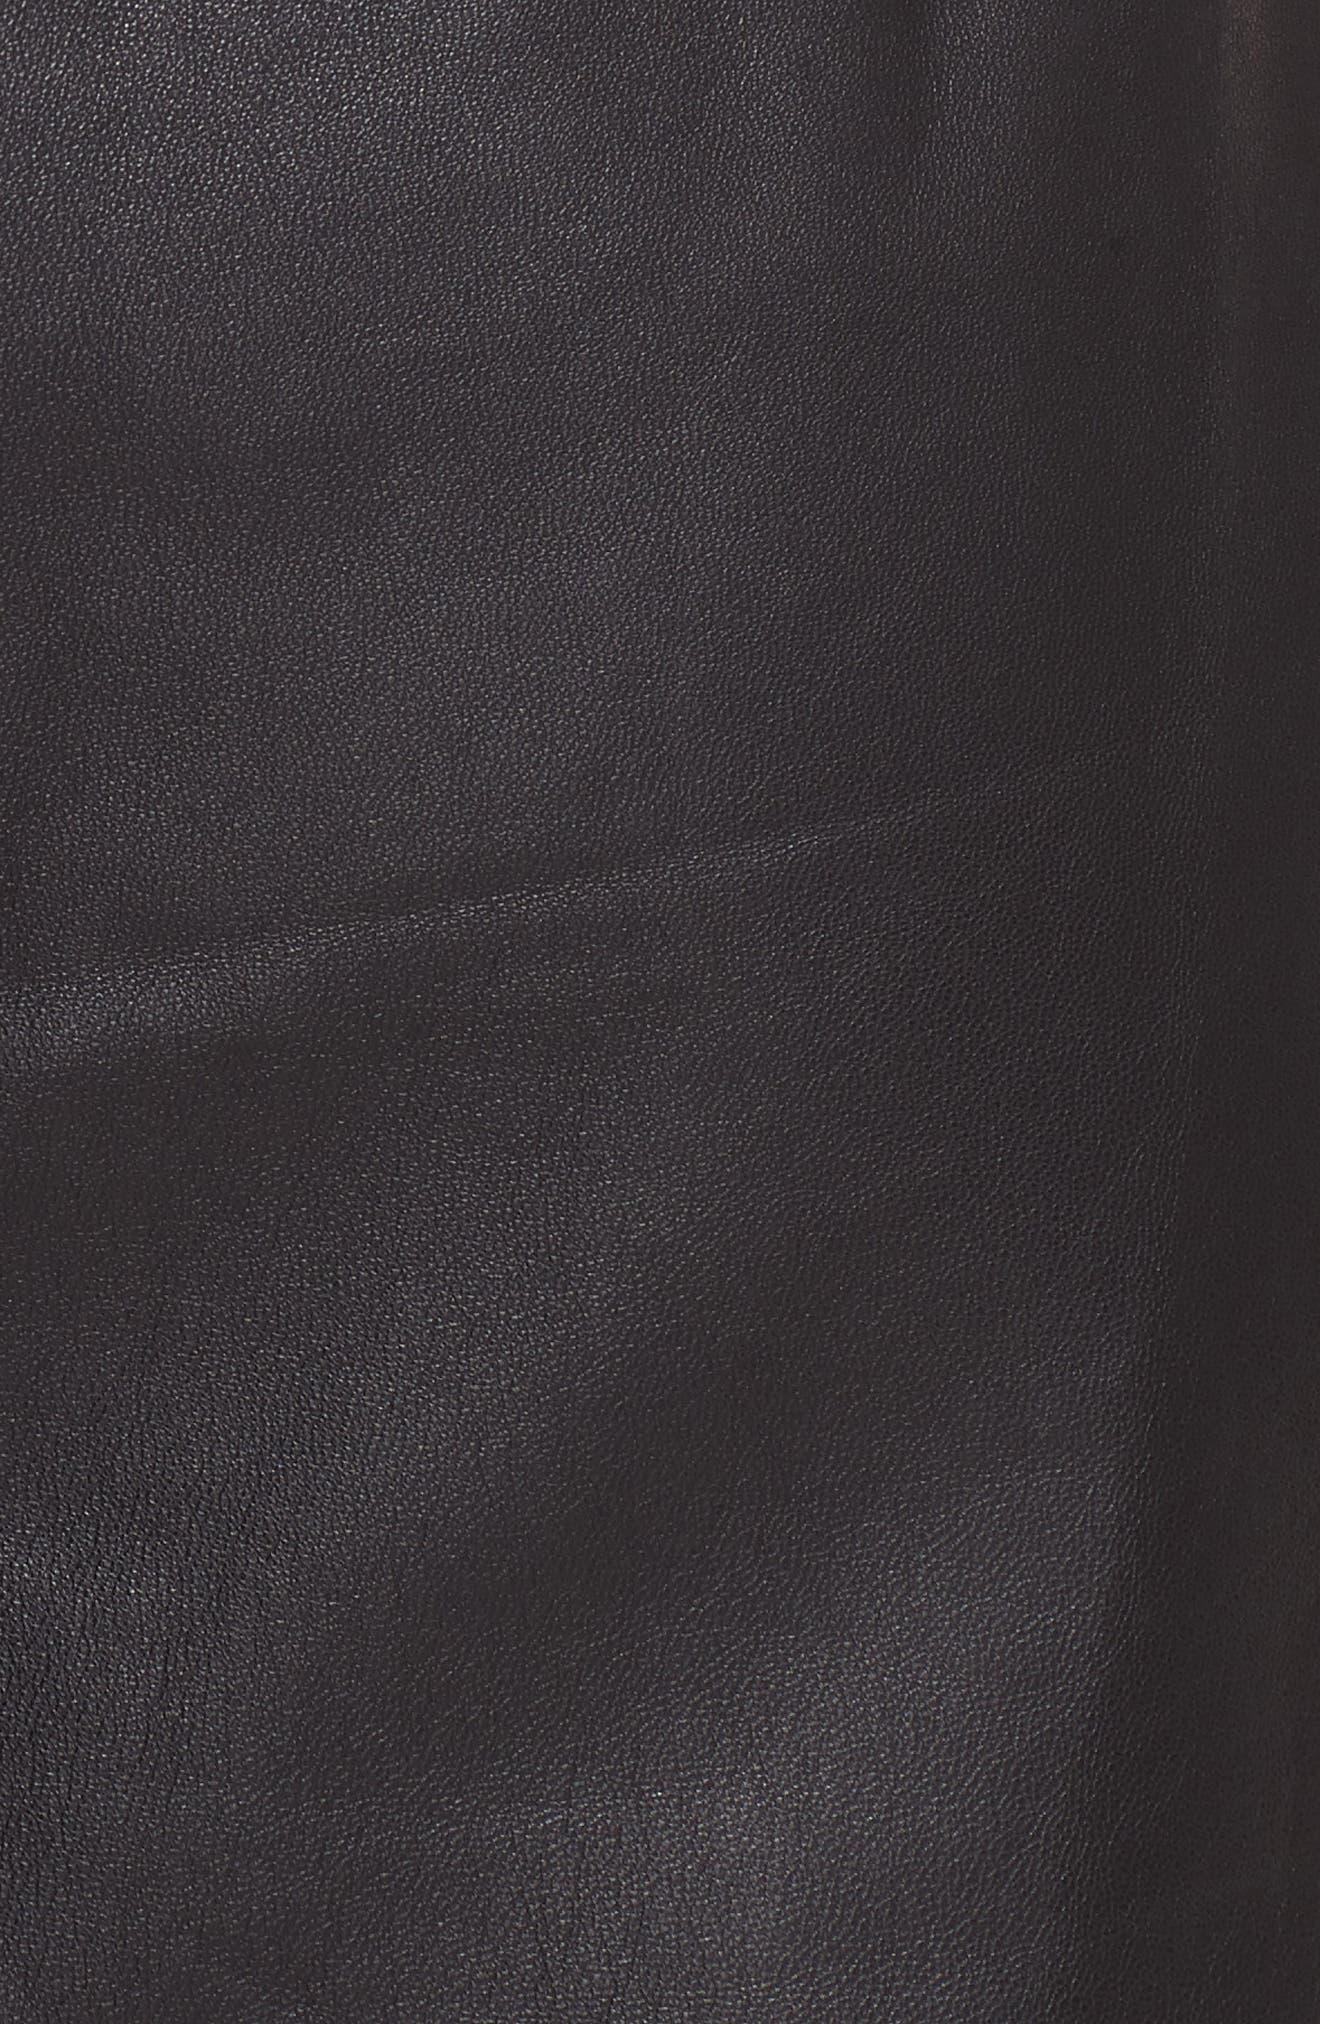 Pull-On Leather Miniskirt,                             Alternate thumbnail 5, color,                             NOIR